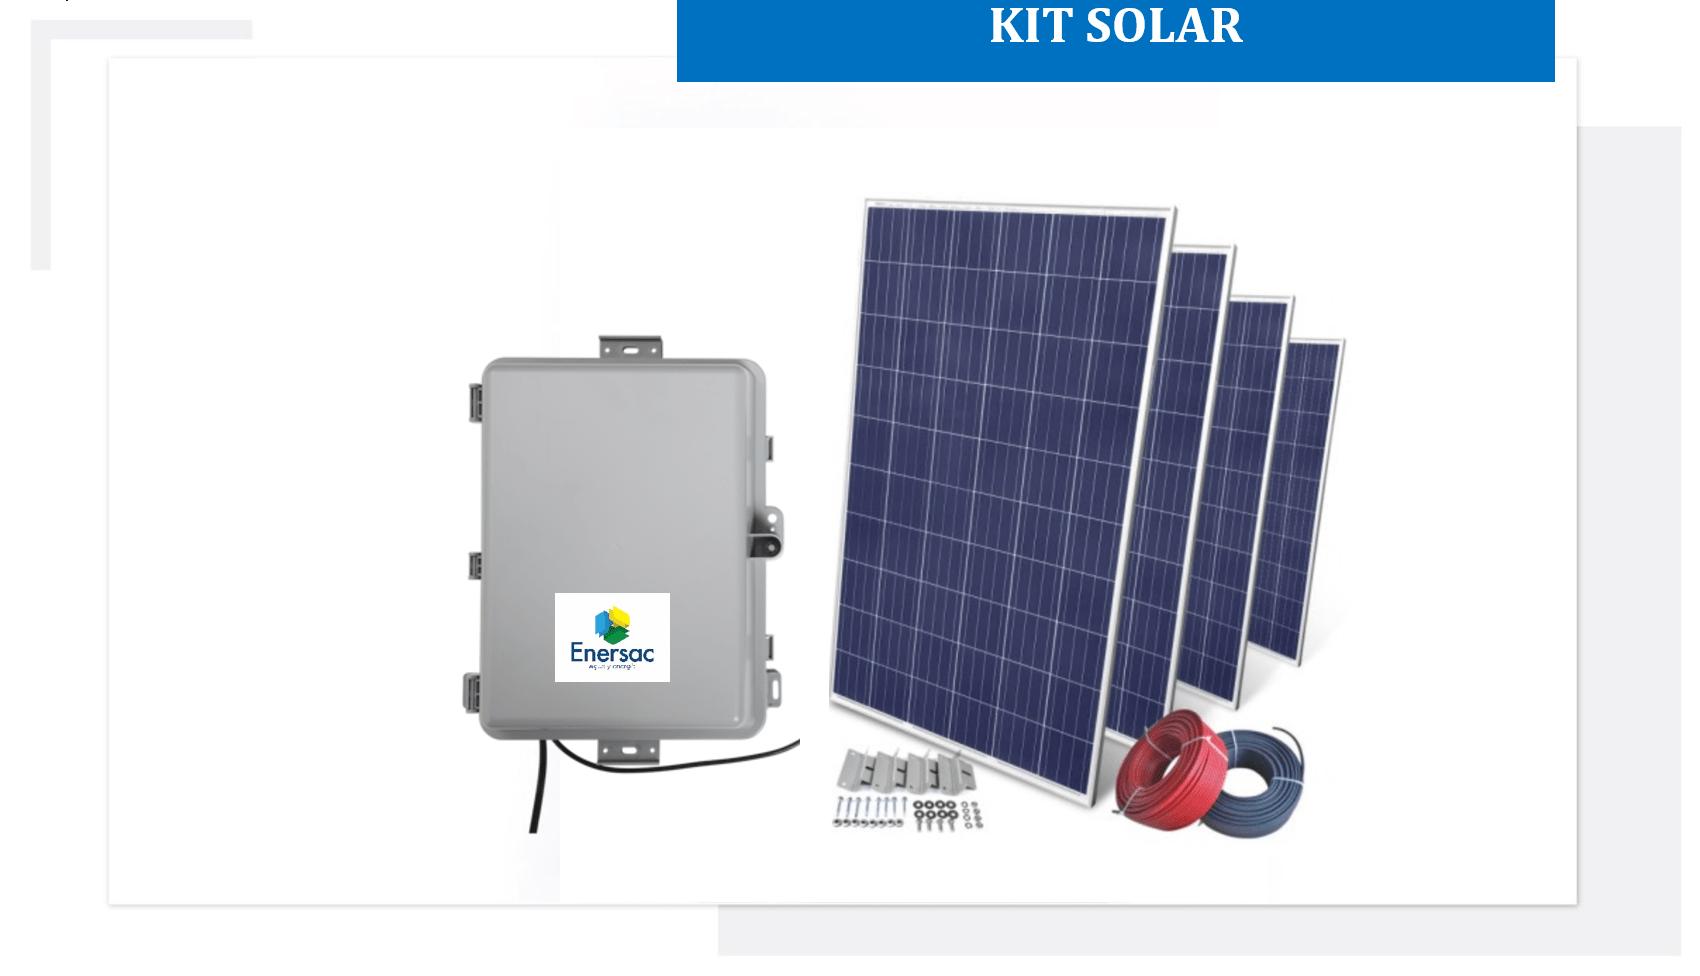 Kit solar en colombia